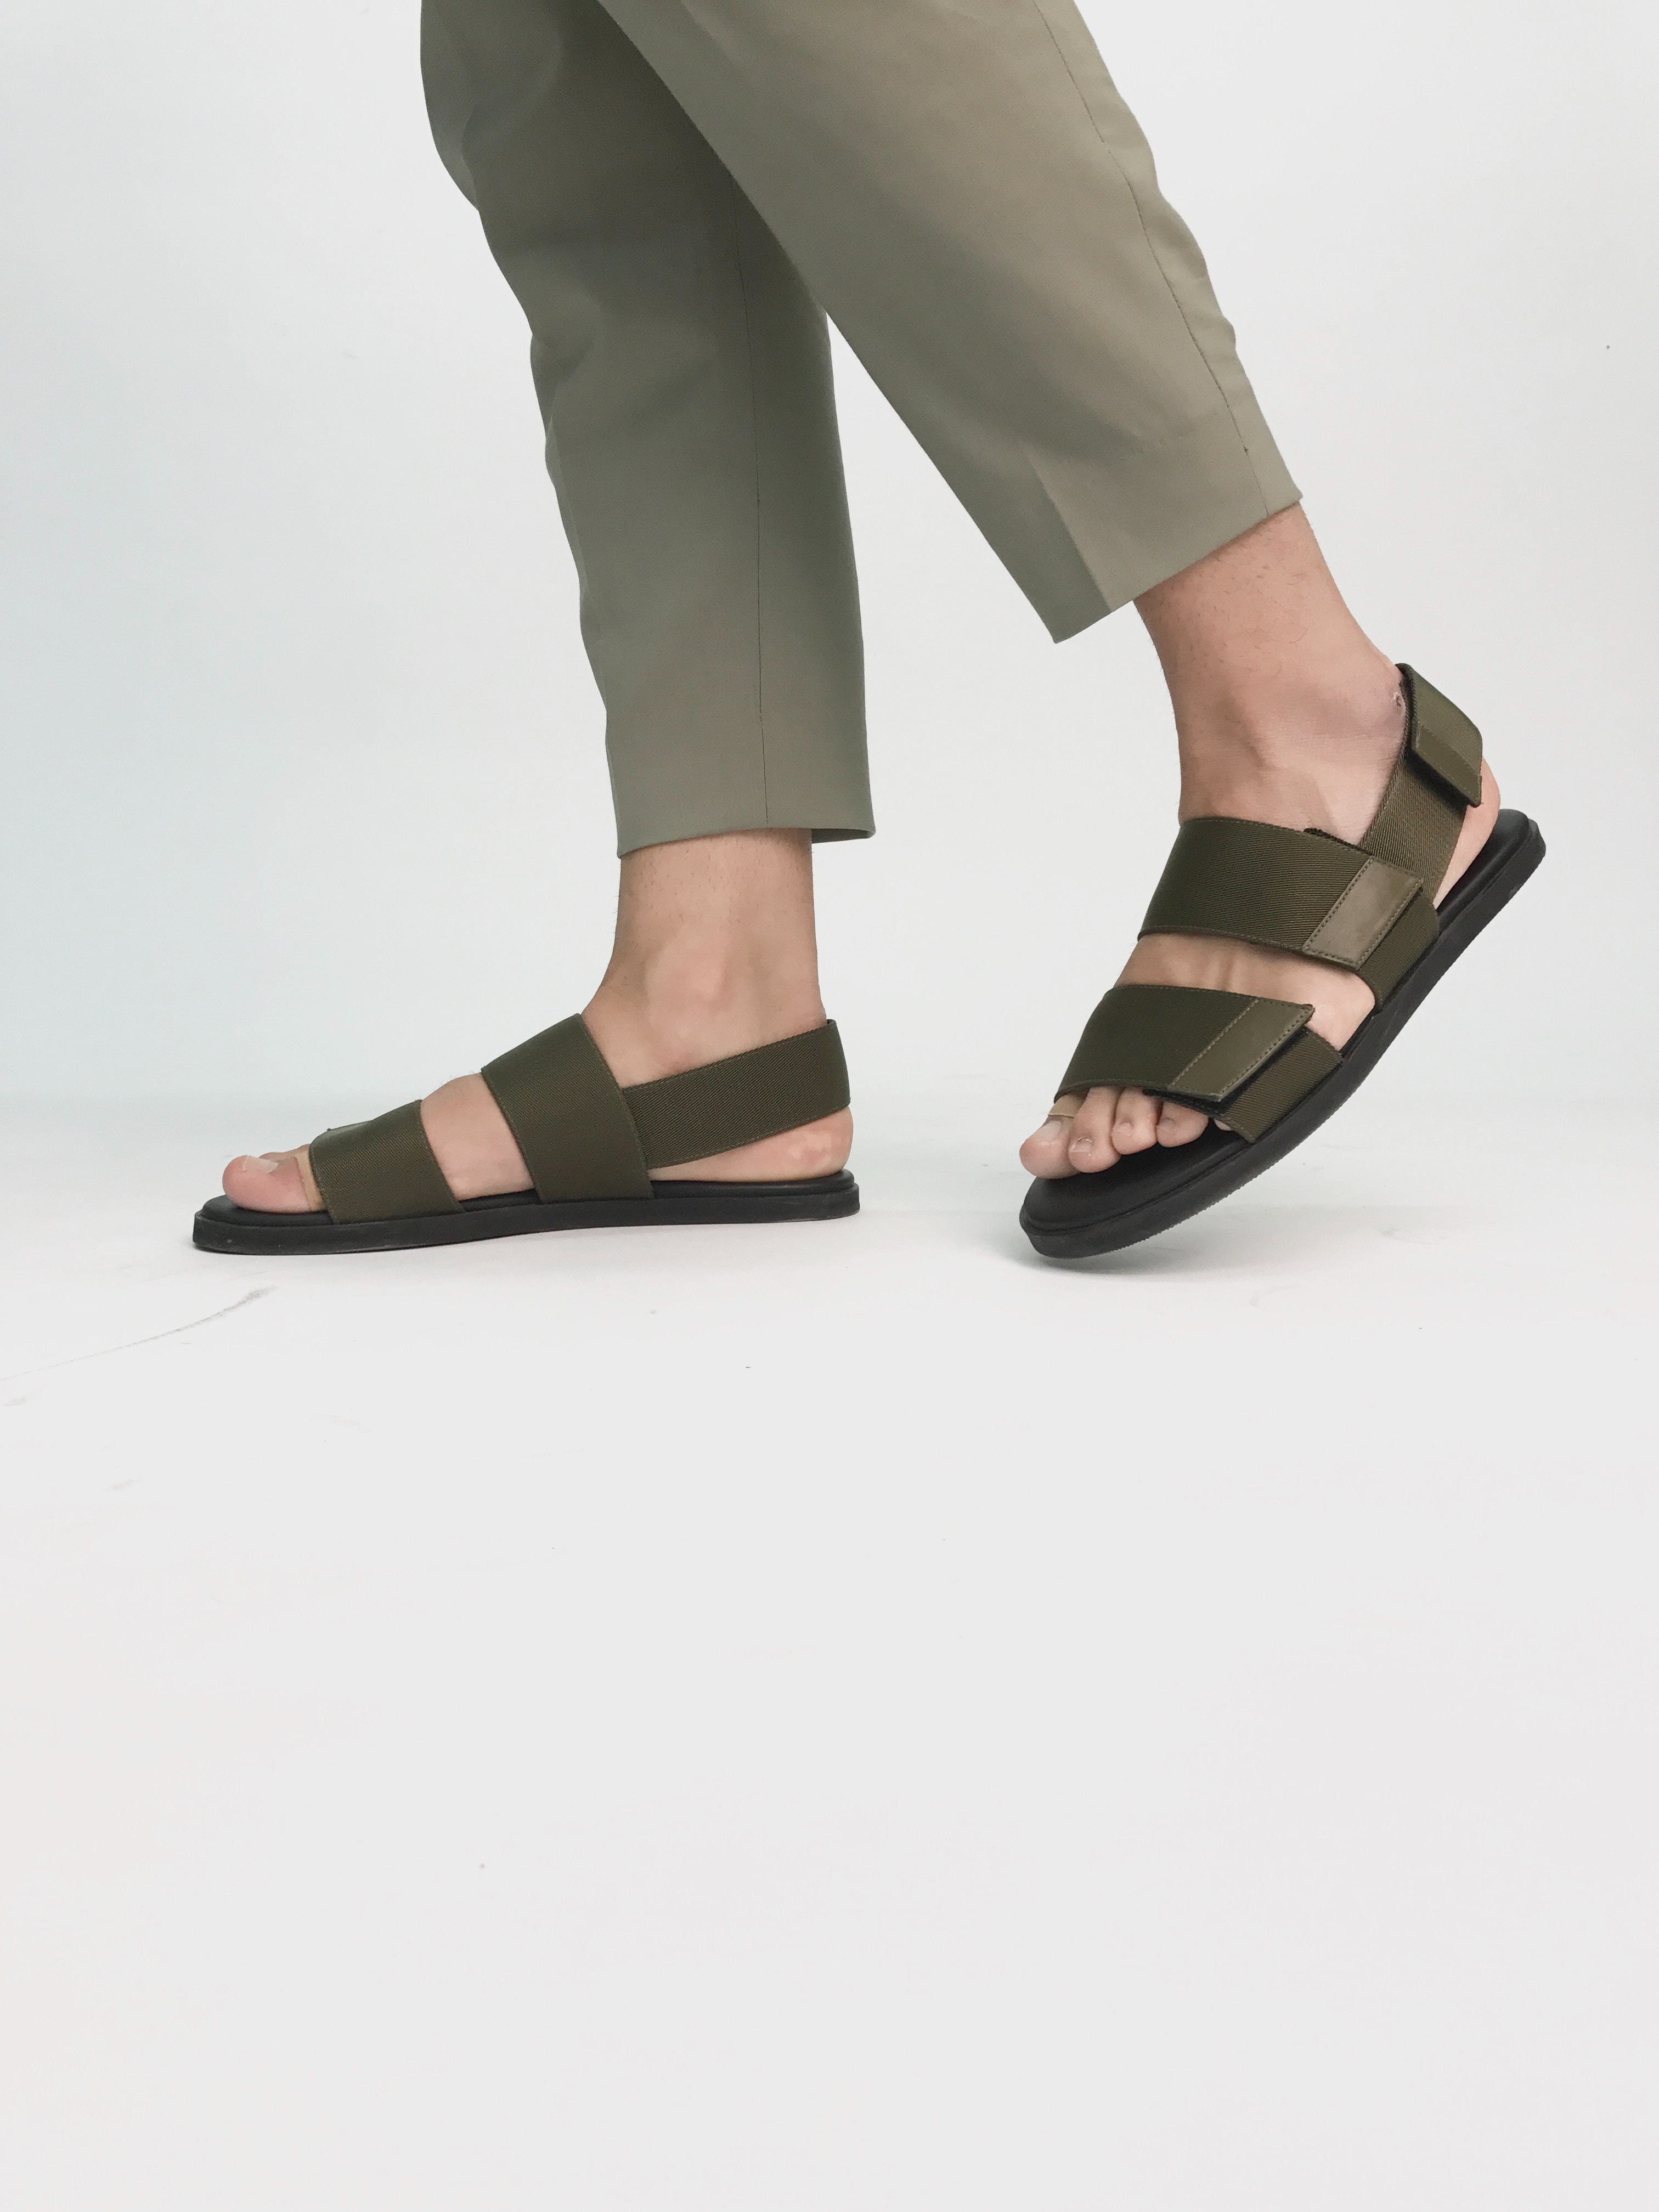 足を骨折したときに履く靴はサンダルが便利!